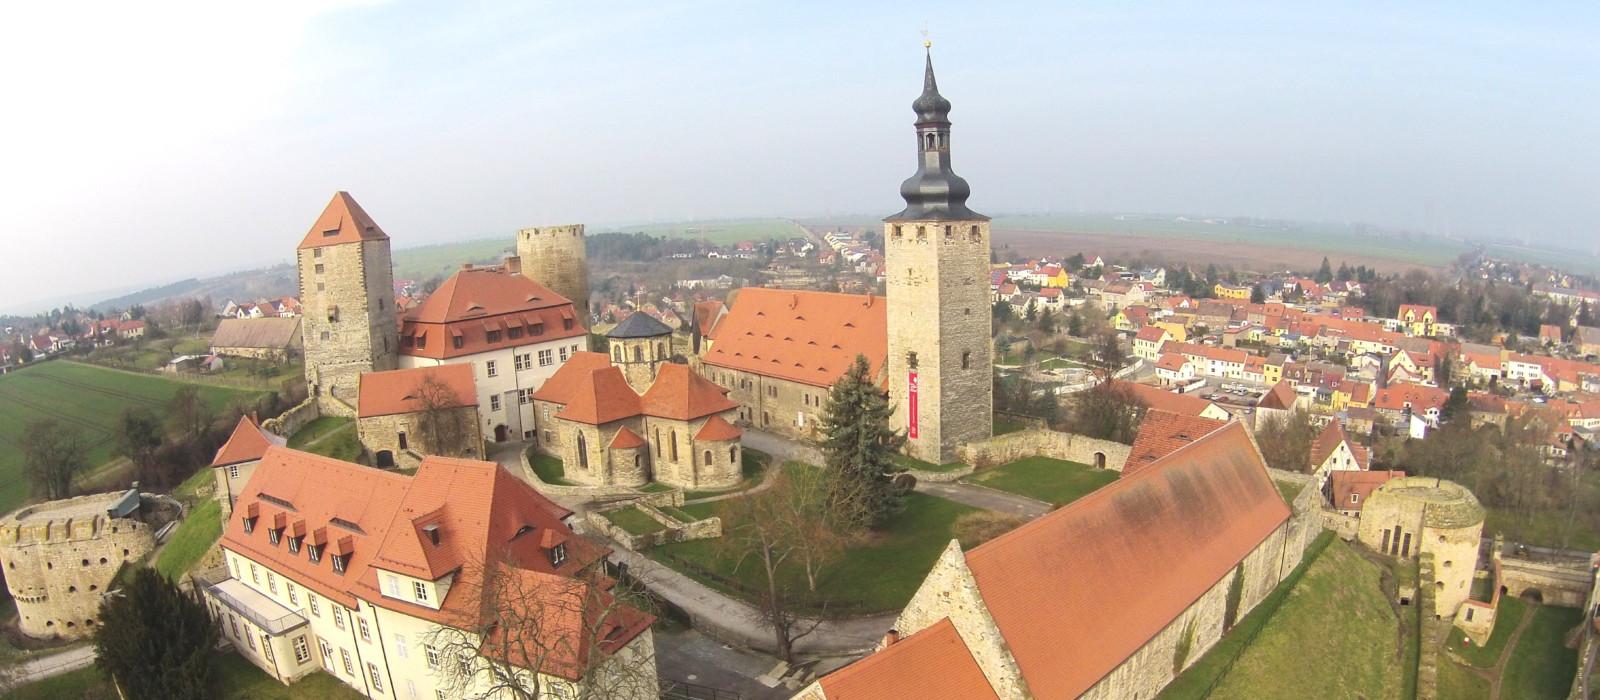 Luftbild der Burg